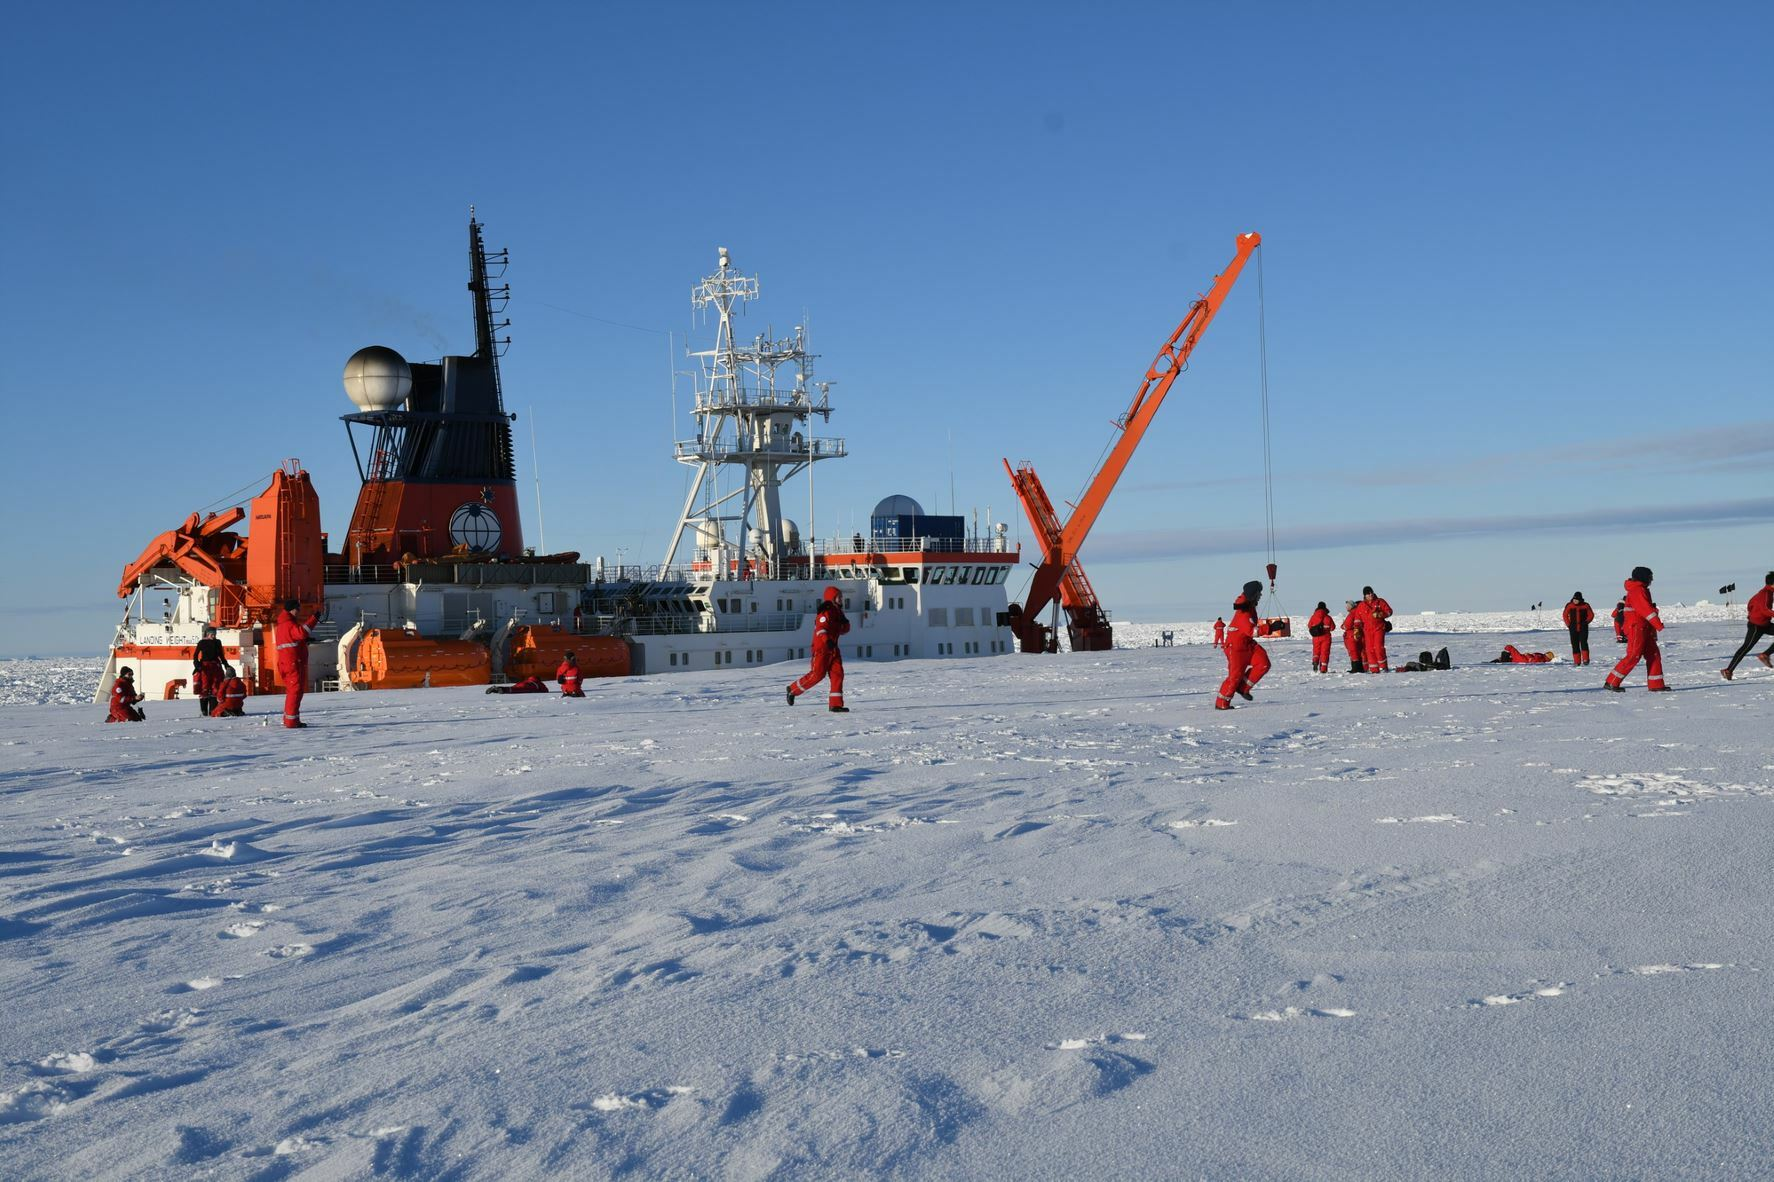 Ankret opp ved isen so 2021